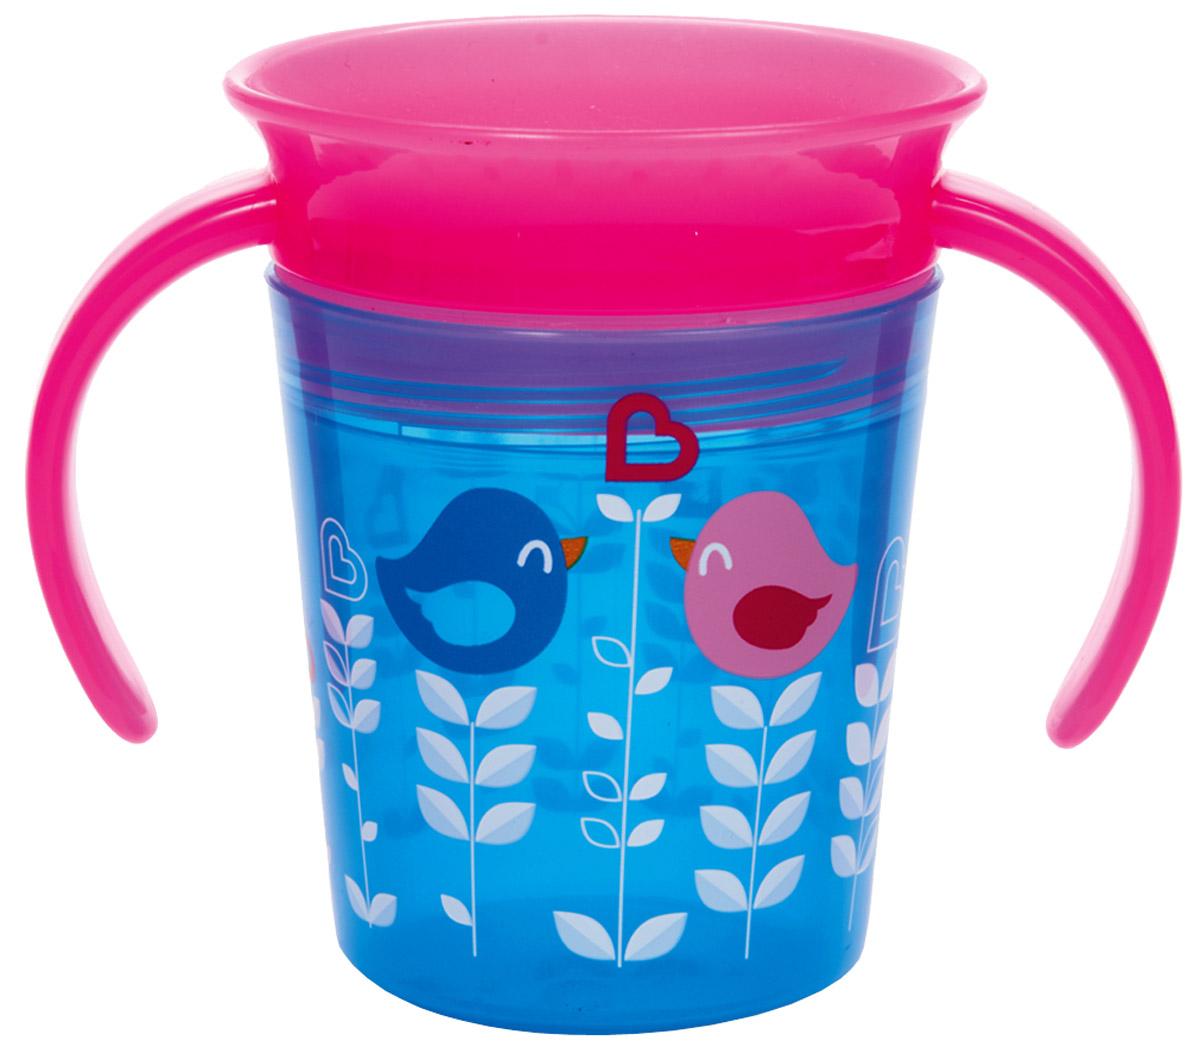 Munchkin Поильник-непроливайка Deco от 6 месяцев цвет голубой розовый 177 мл12294_голубой, розовыйПоильник-непроливайка Munchkin создан специально для приучения малыша пить из взрослой чашки. Герметичность поильника на 100% защищает от протекания жидкости. Специальная конструкция (360°) позволяет пить по всей окружности бортика. Технология без горлышка лучше подходит для зубов малыша, а также позволяет быстрее ребенку приучиться к взрослым чашкам. Клапан, обеспечивающий полную защиту от разливания, закрывается после питья. Поильник предназначен для детей в возрасте от 6 месяцев. Оснащен удобными ручками. Не содержит бисфенол А.